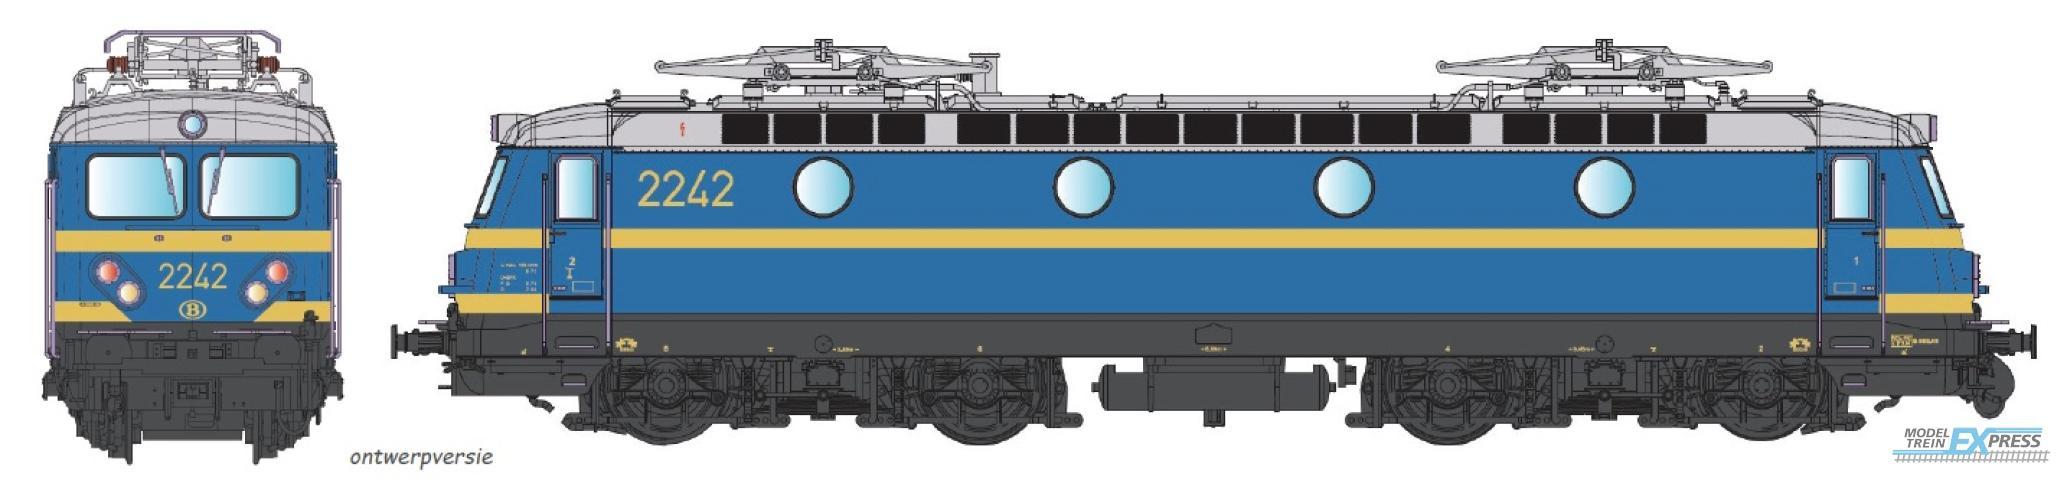 B-Models 3305.05